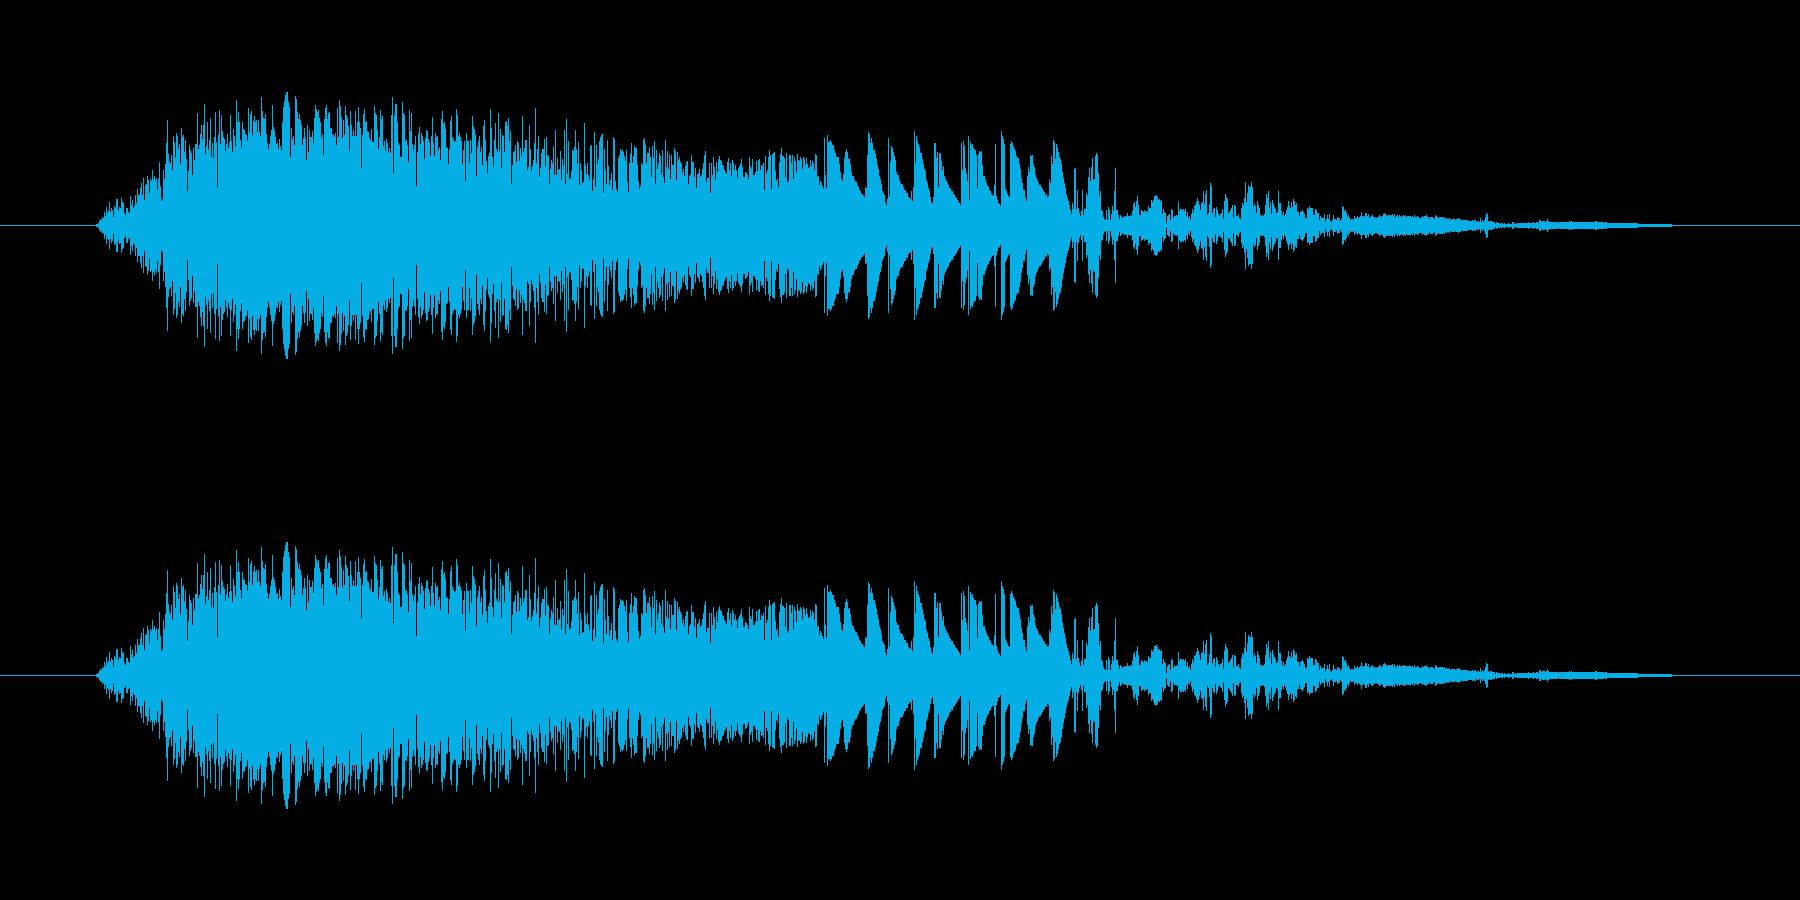 斬撃5【突き刺す斬撃】の再生済みの波形